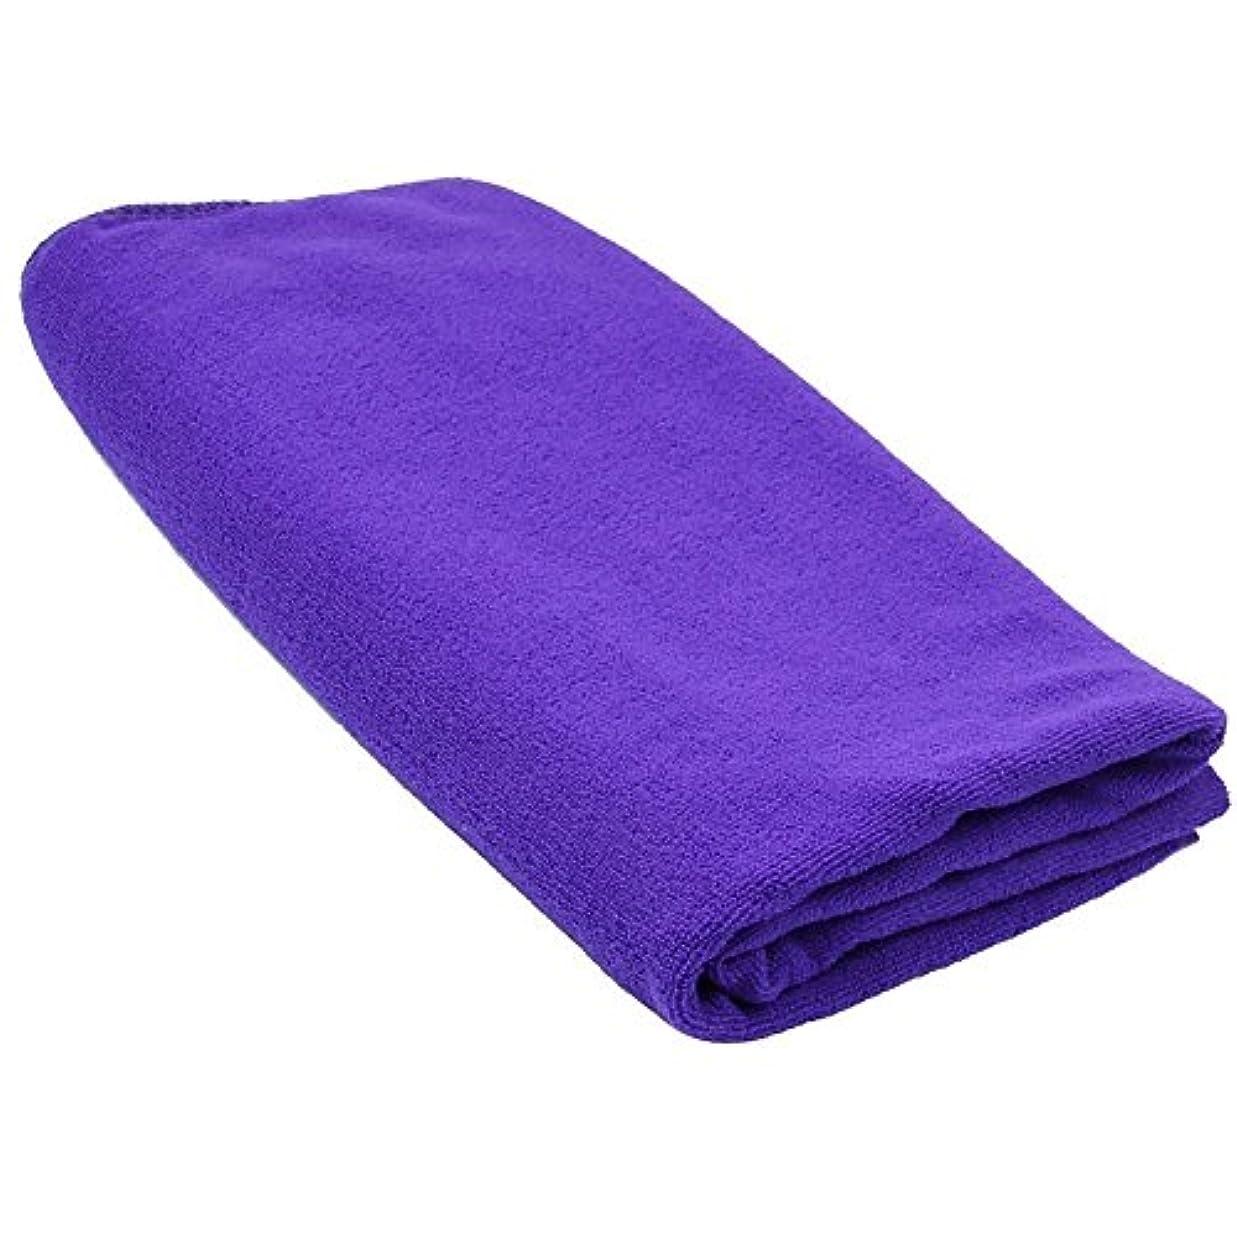 ポーク大使ドローSODIAL(R) 耐久性がある速乾性マイクロファイバーバスタオル 旅行 ジム キャンプ スポーツ用 紫